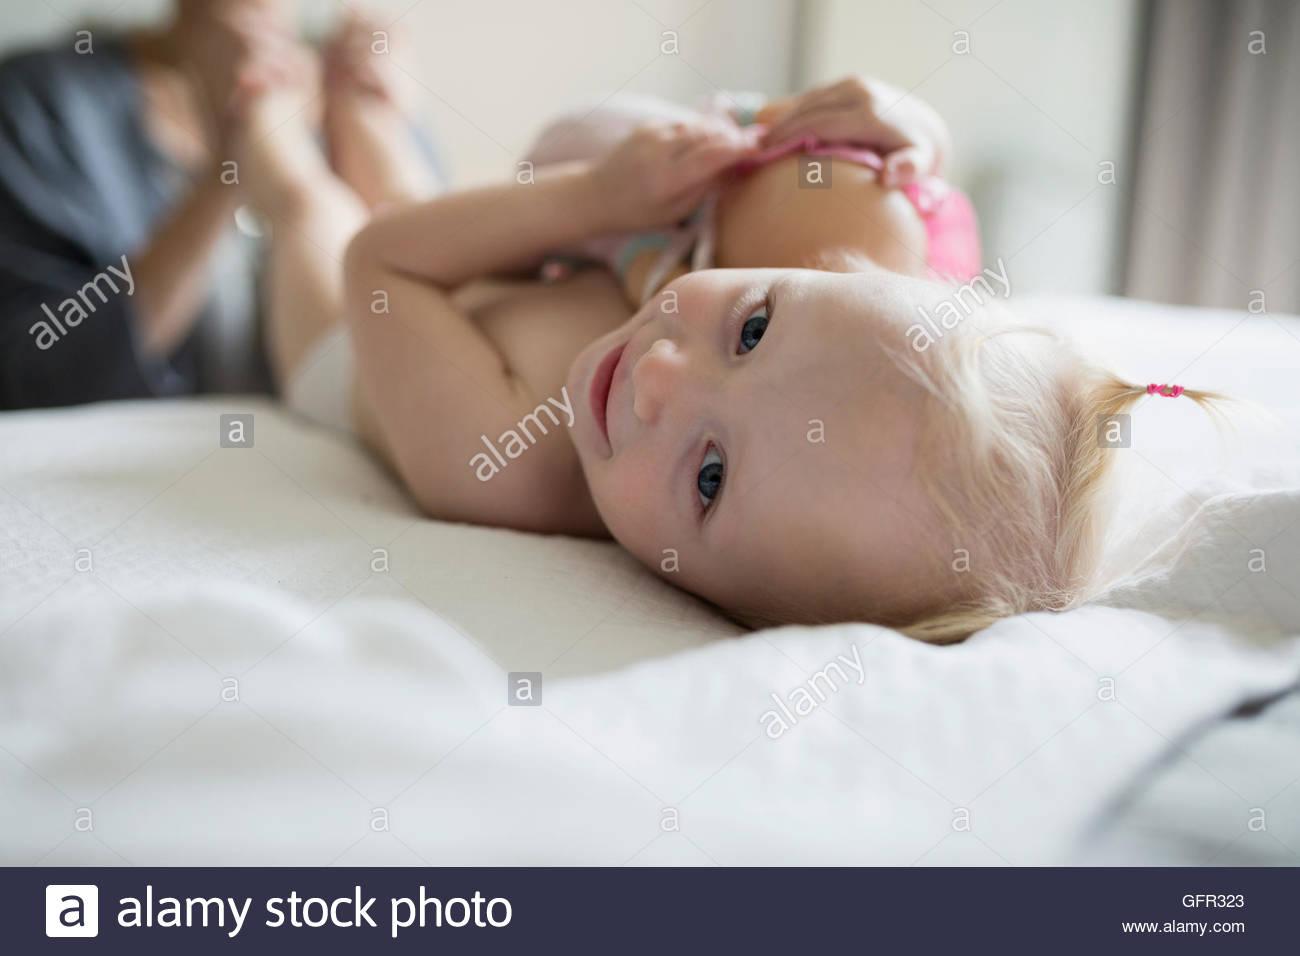 Close up ritratto sorridente bambina la posa sul letto con la bambola Immagini Stock